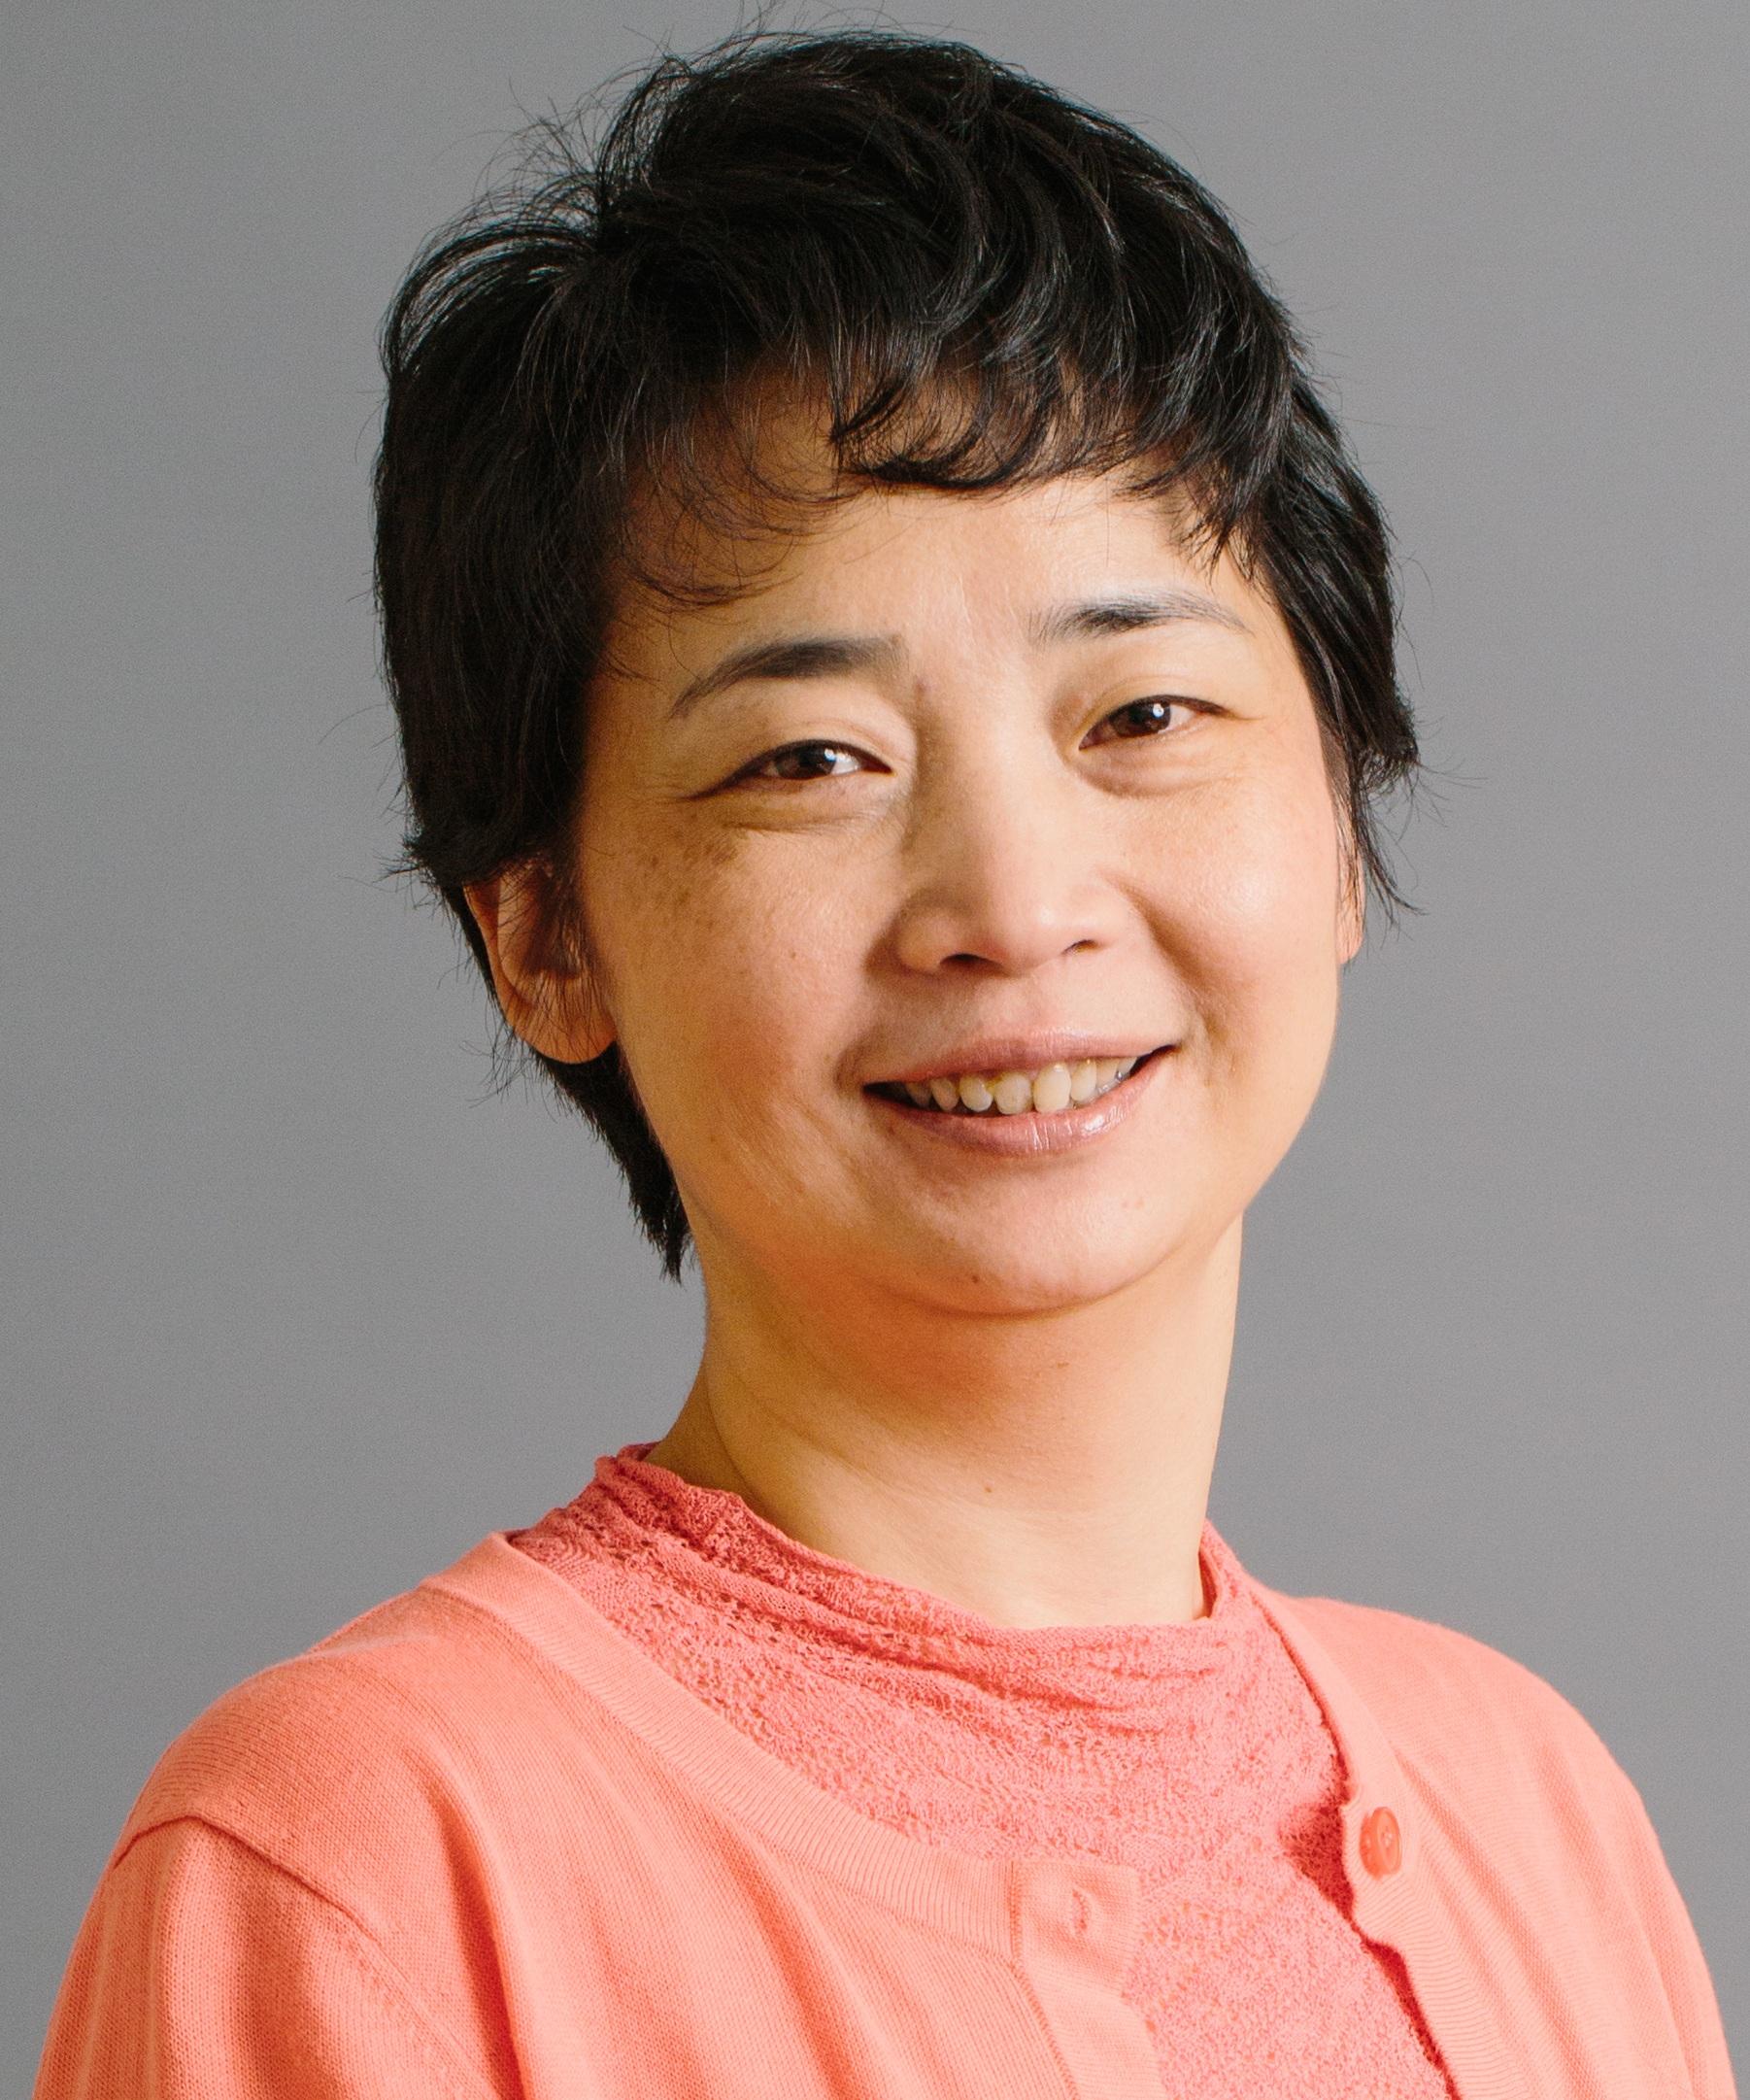 Ying+Wang+-+Headshot.jpg